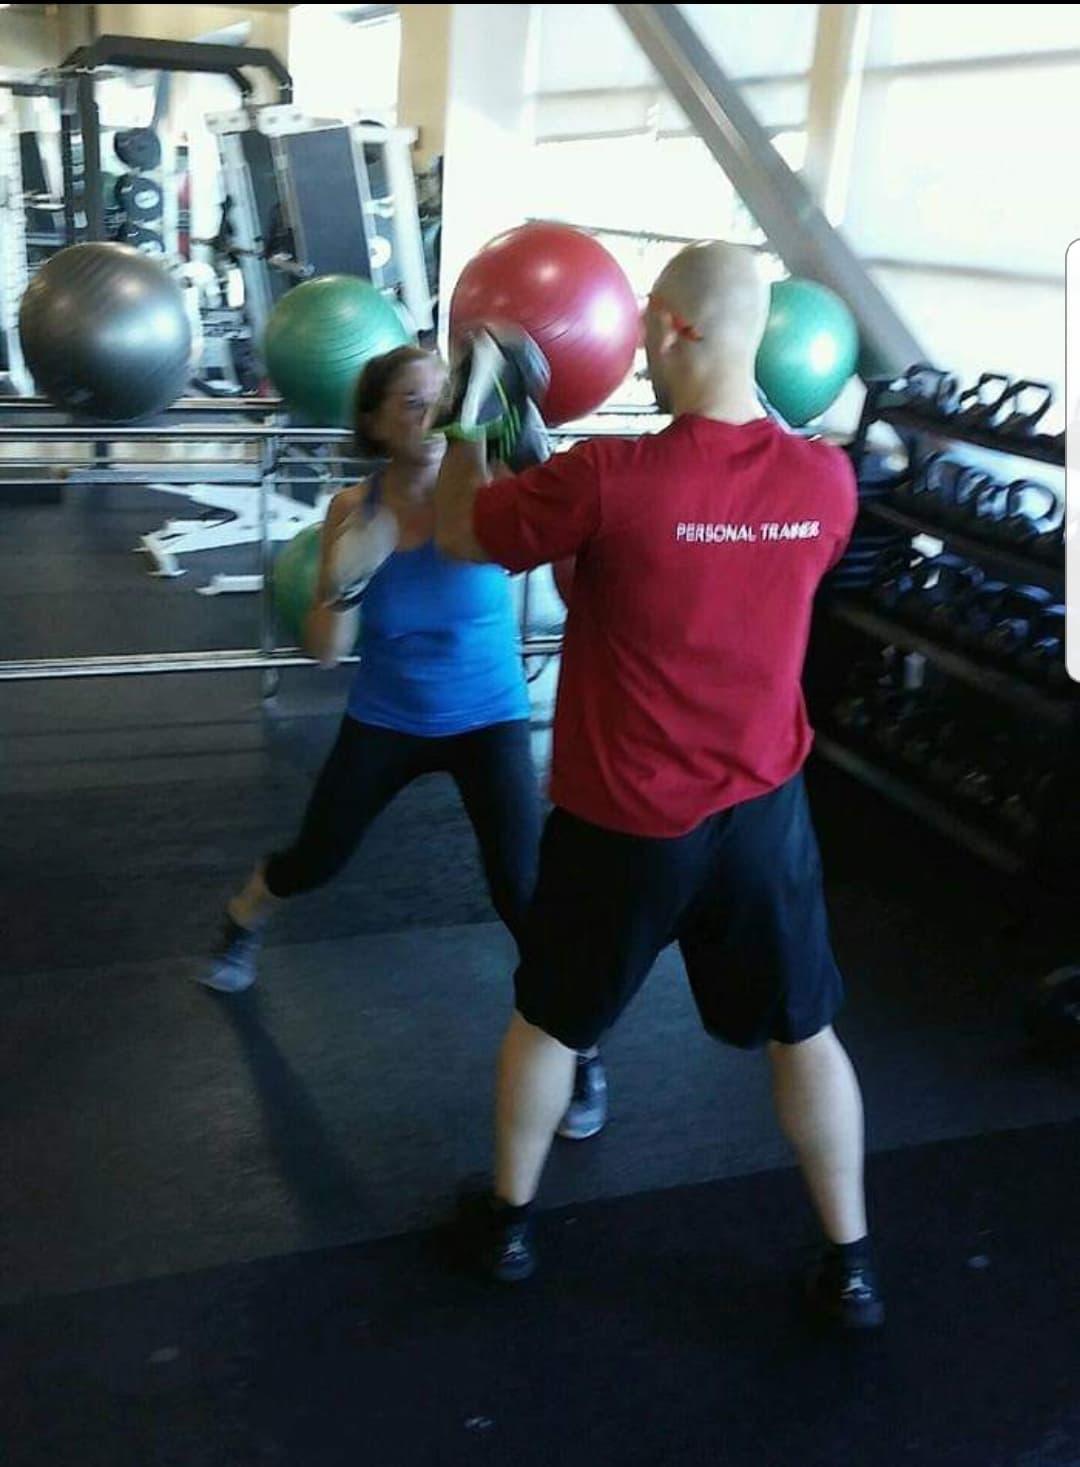 Punch Training